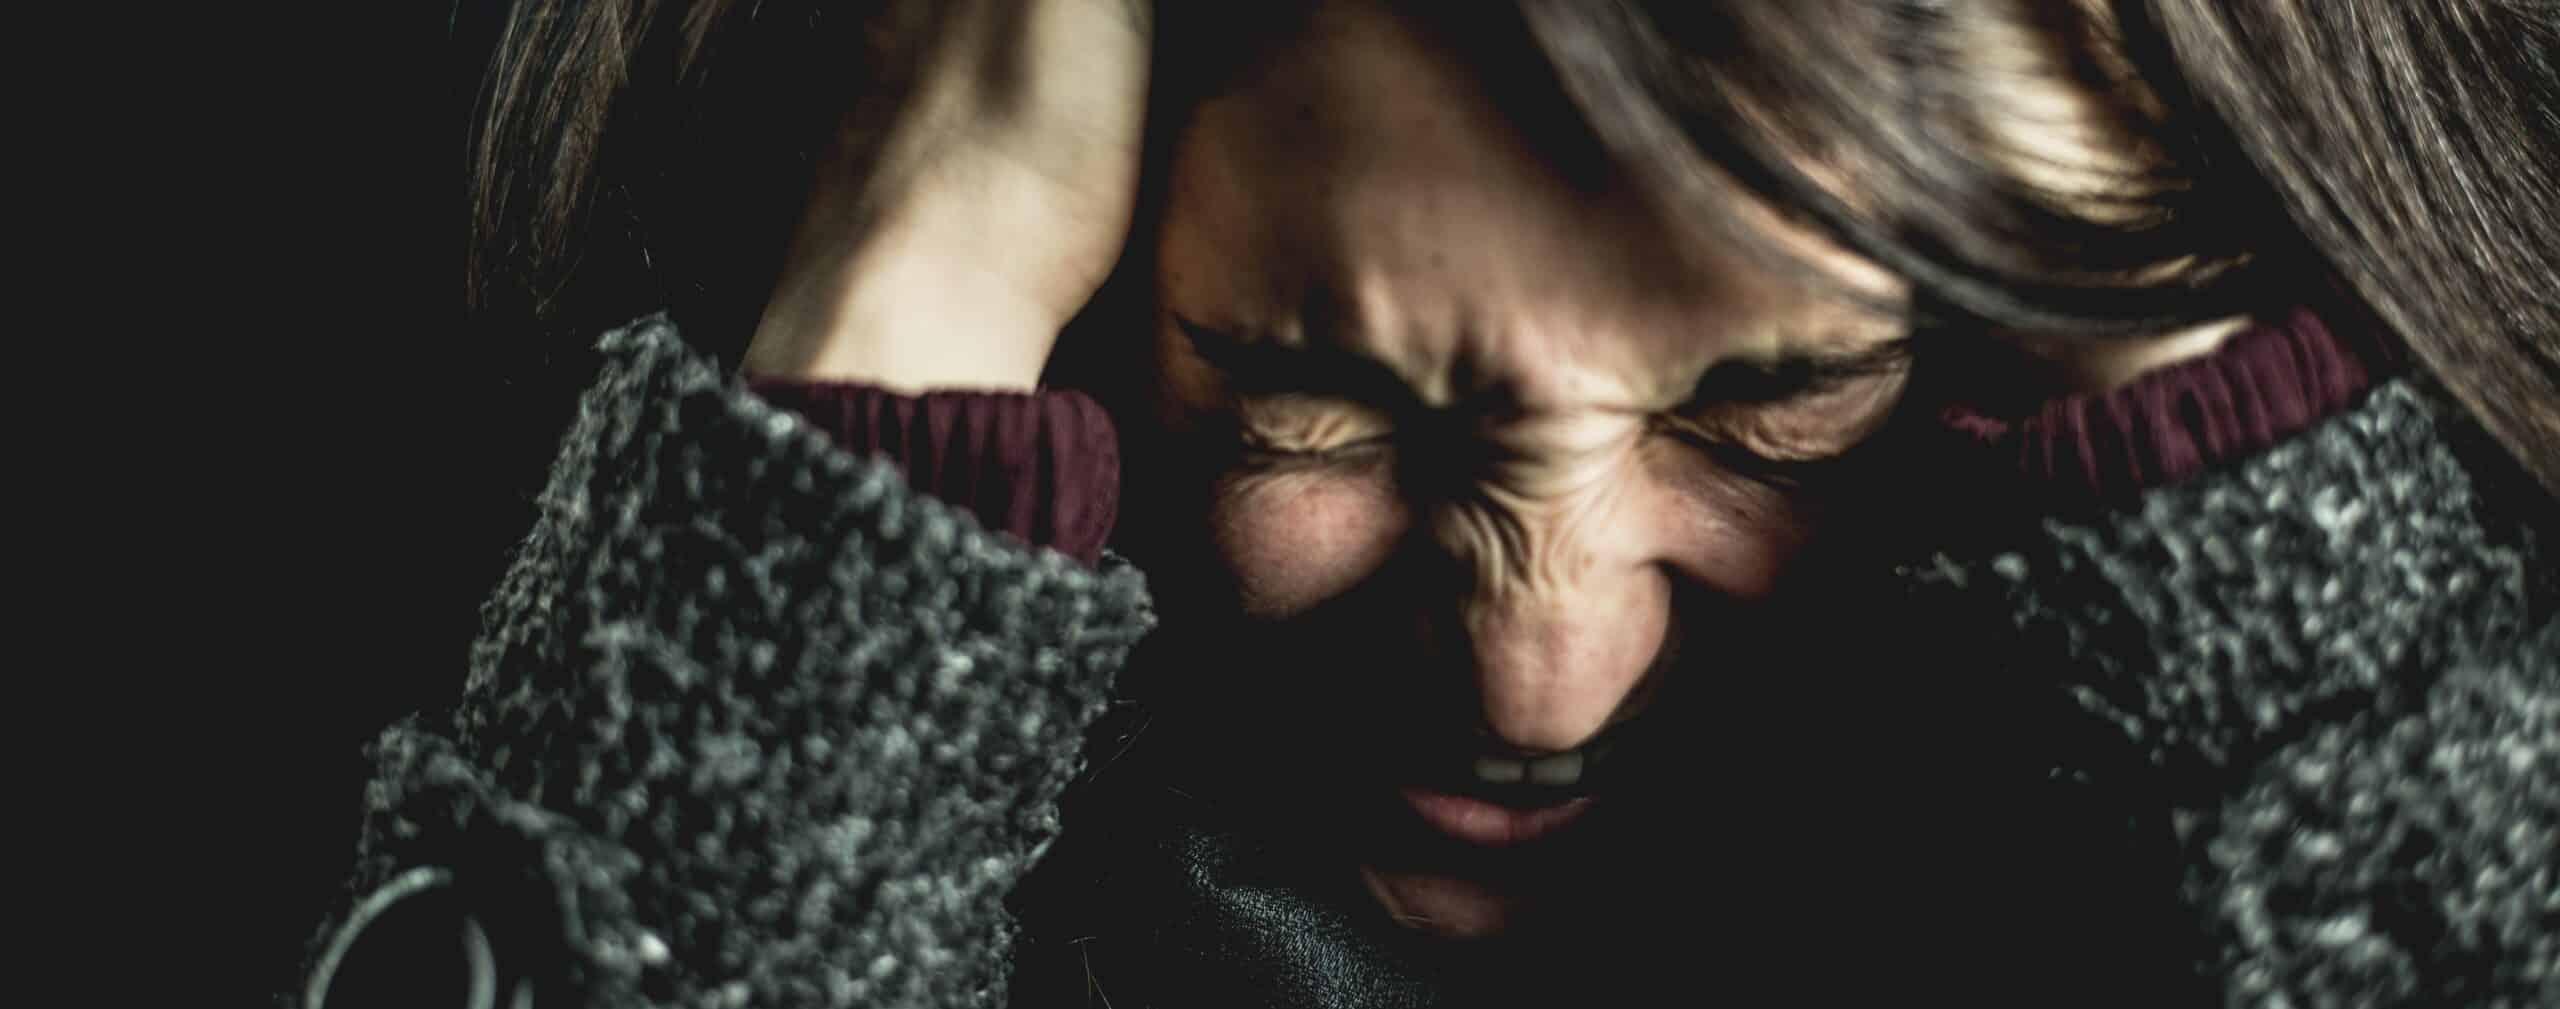 Agressie: wat helpt jou er vanaf?